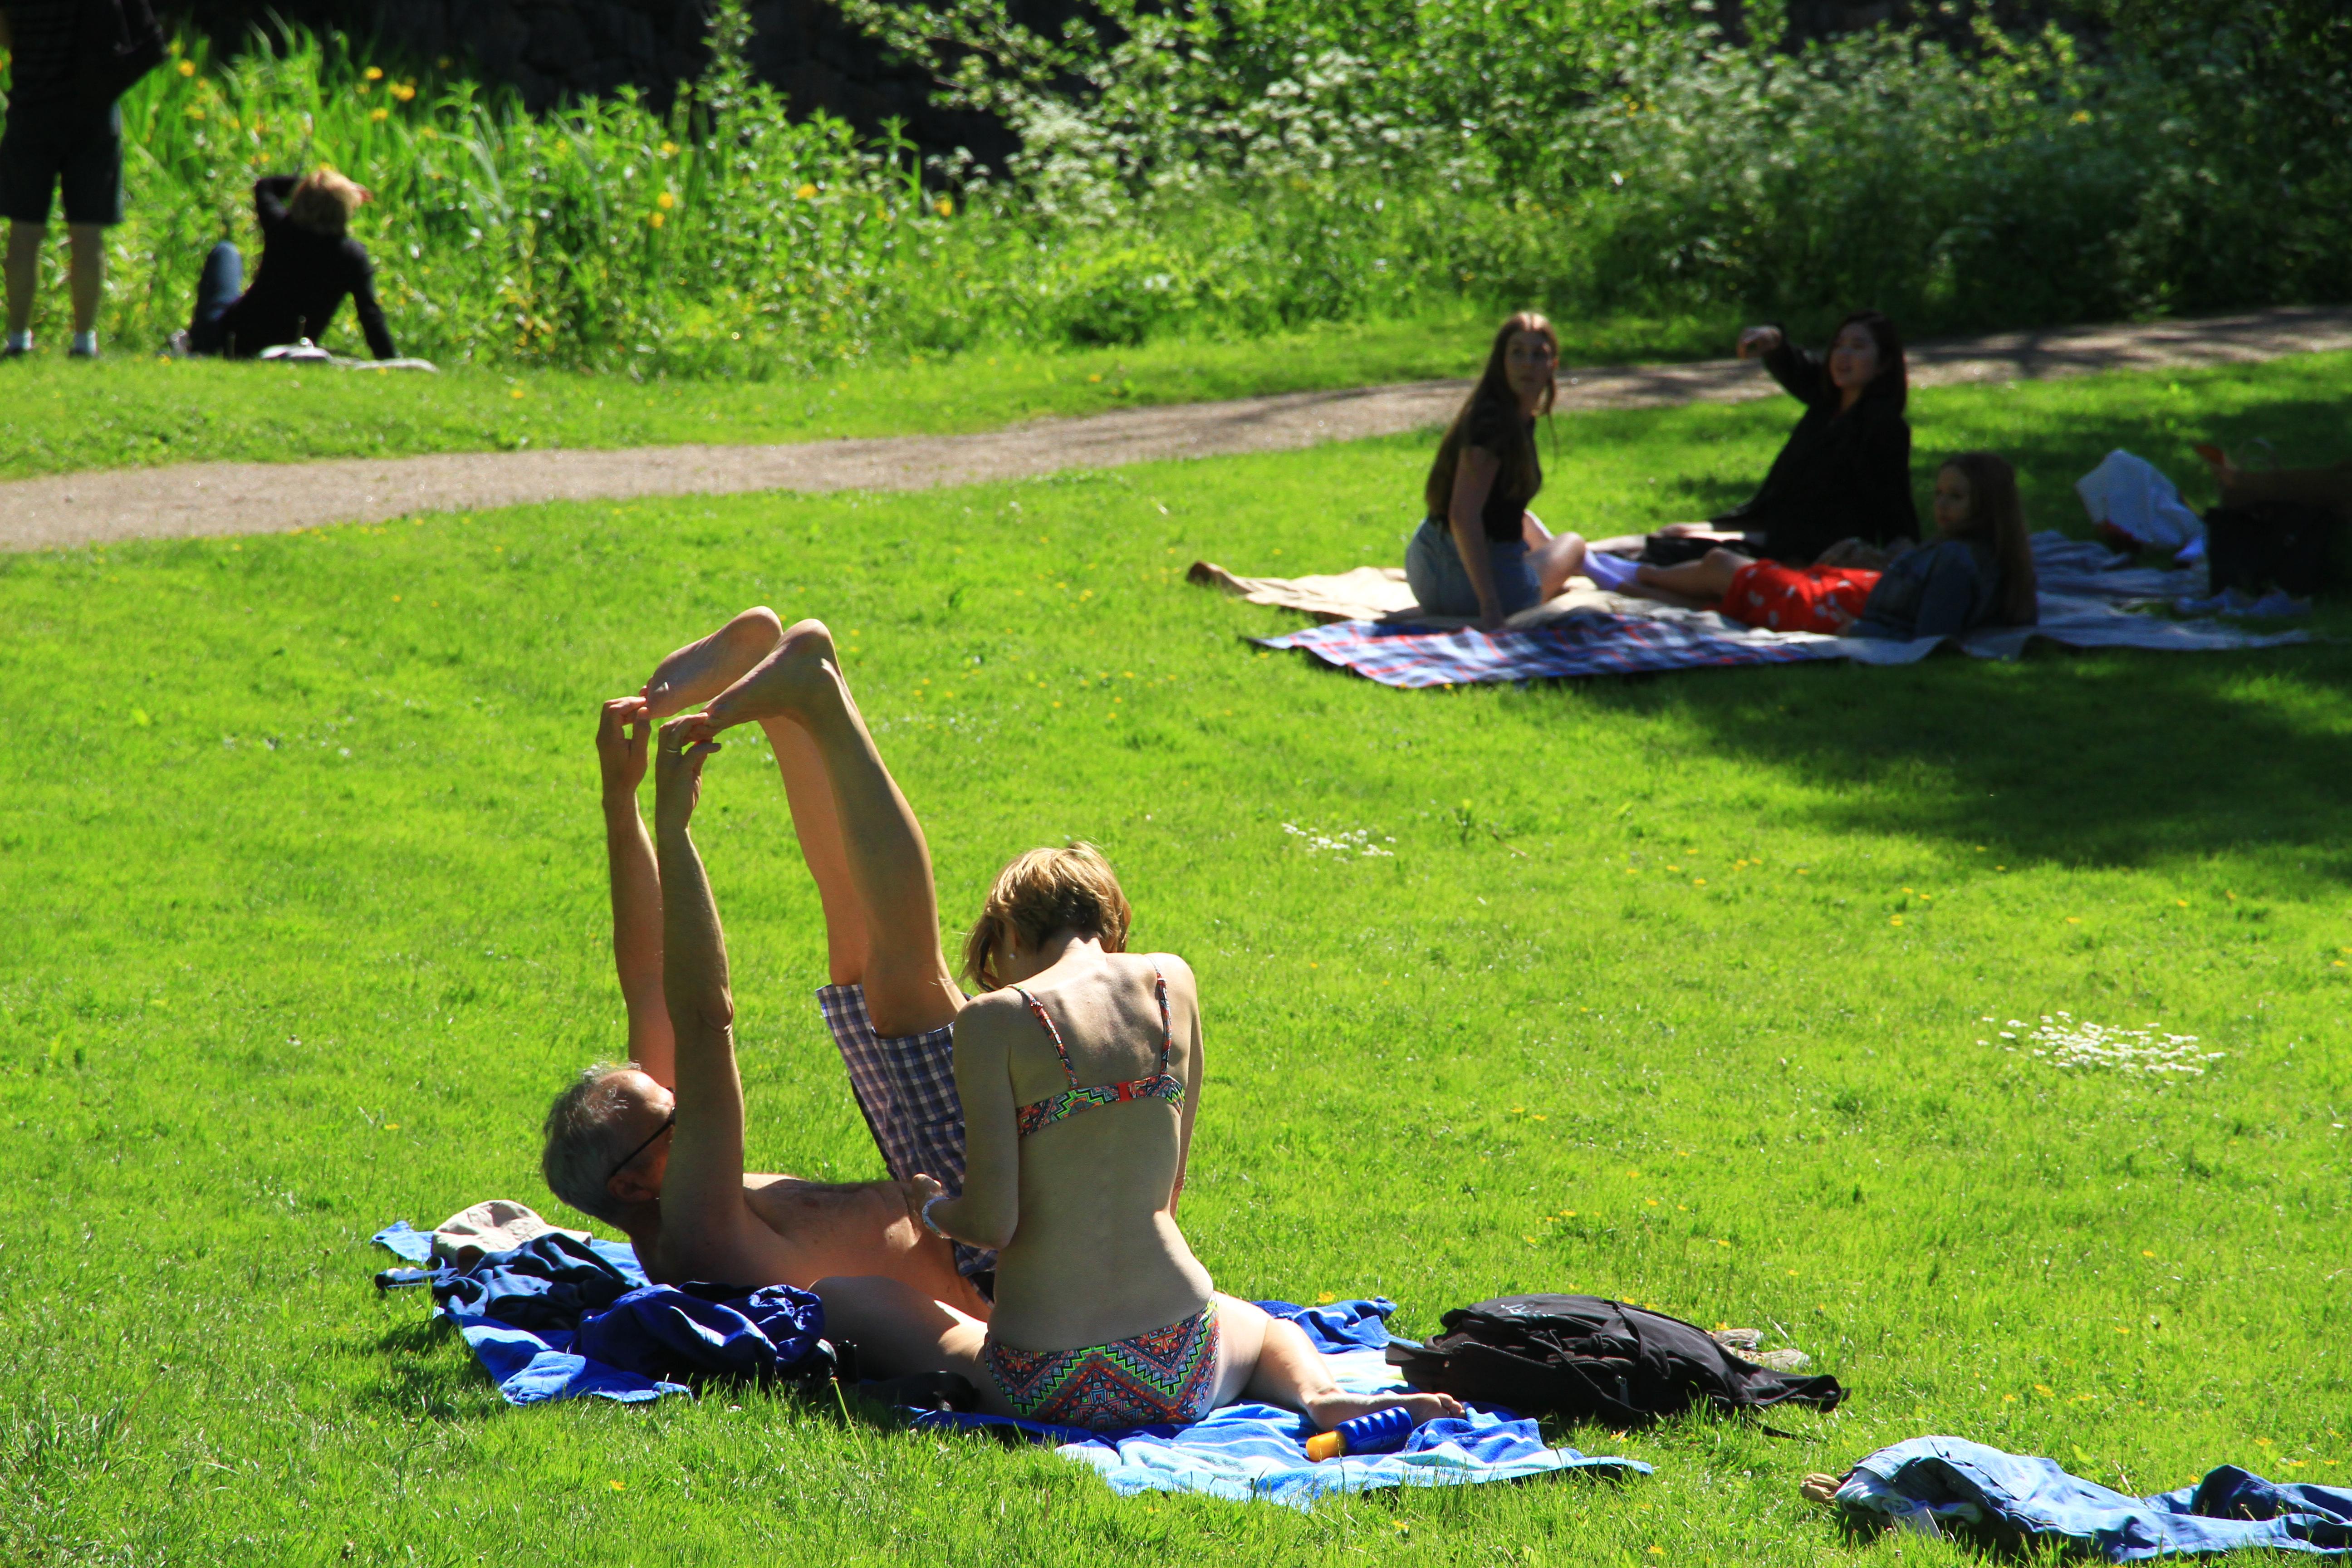 58、芬兰芬兰堡:尽情享受阳光